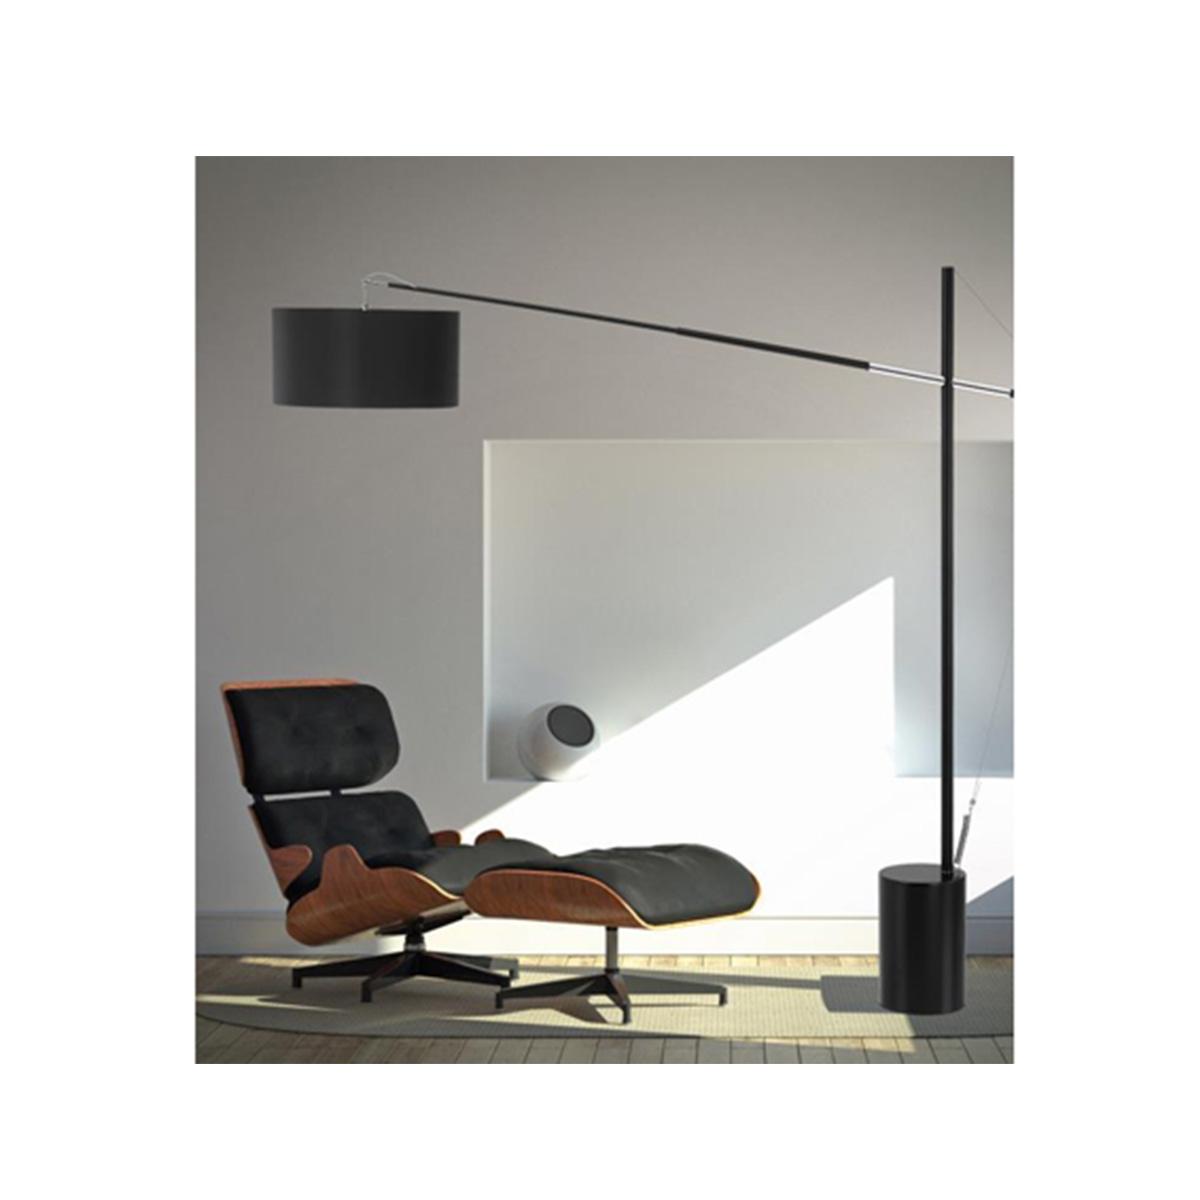 Podna lampa Traccia crna - 41455401